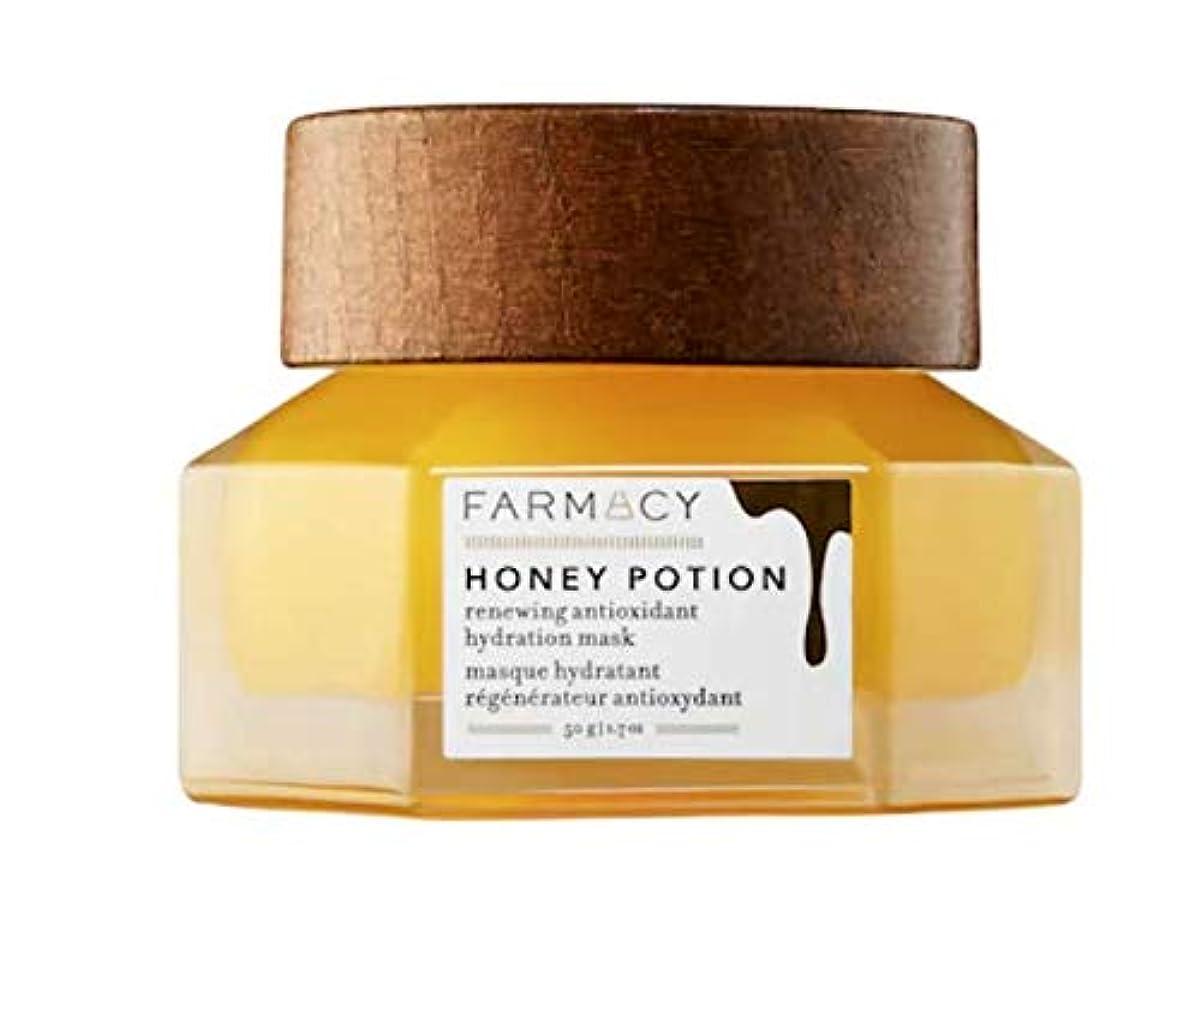 章昼食笑ファーマシー FARMACY ハニーポーション リニューイング アンチオキシデント ハイドレーションマスク 50g?Honey Potion Renewing Antioxidant Hydration Mask